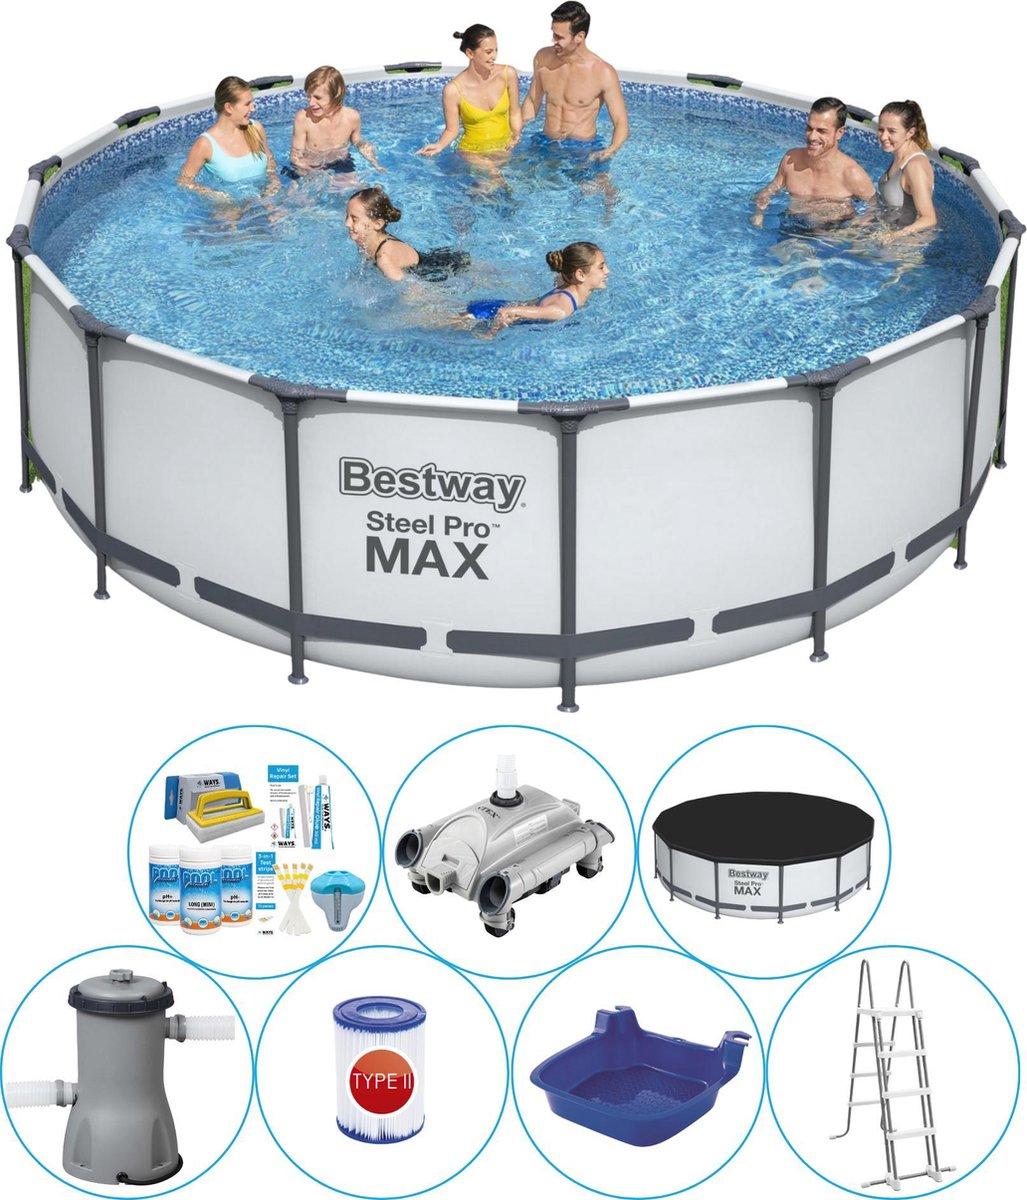 Bestway Steel Pro MAX Rond 457x122 cm - Zwembad Combinatie Set